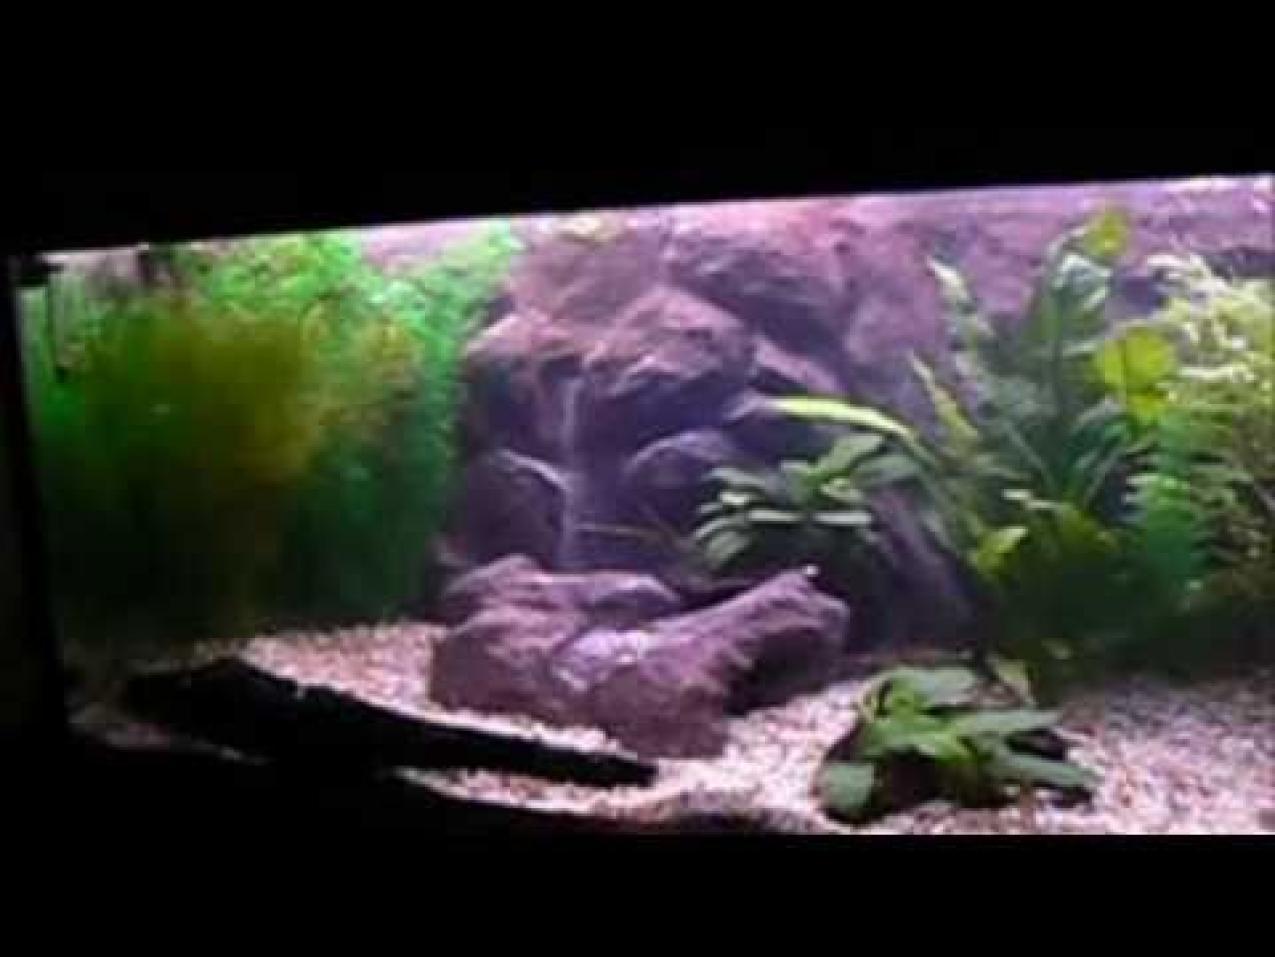 Aquarium D Backgrounds Download HD Wallpapers 1275x957